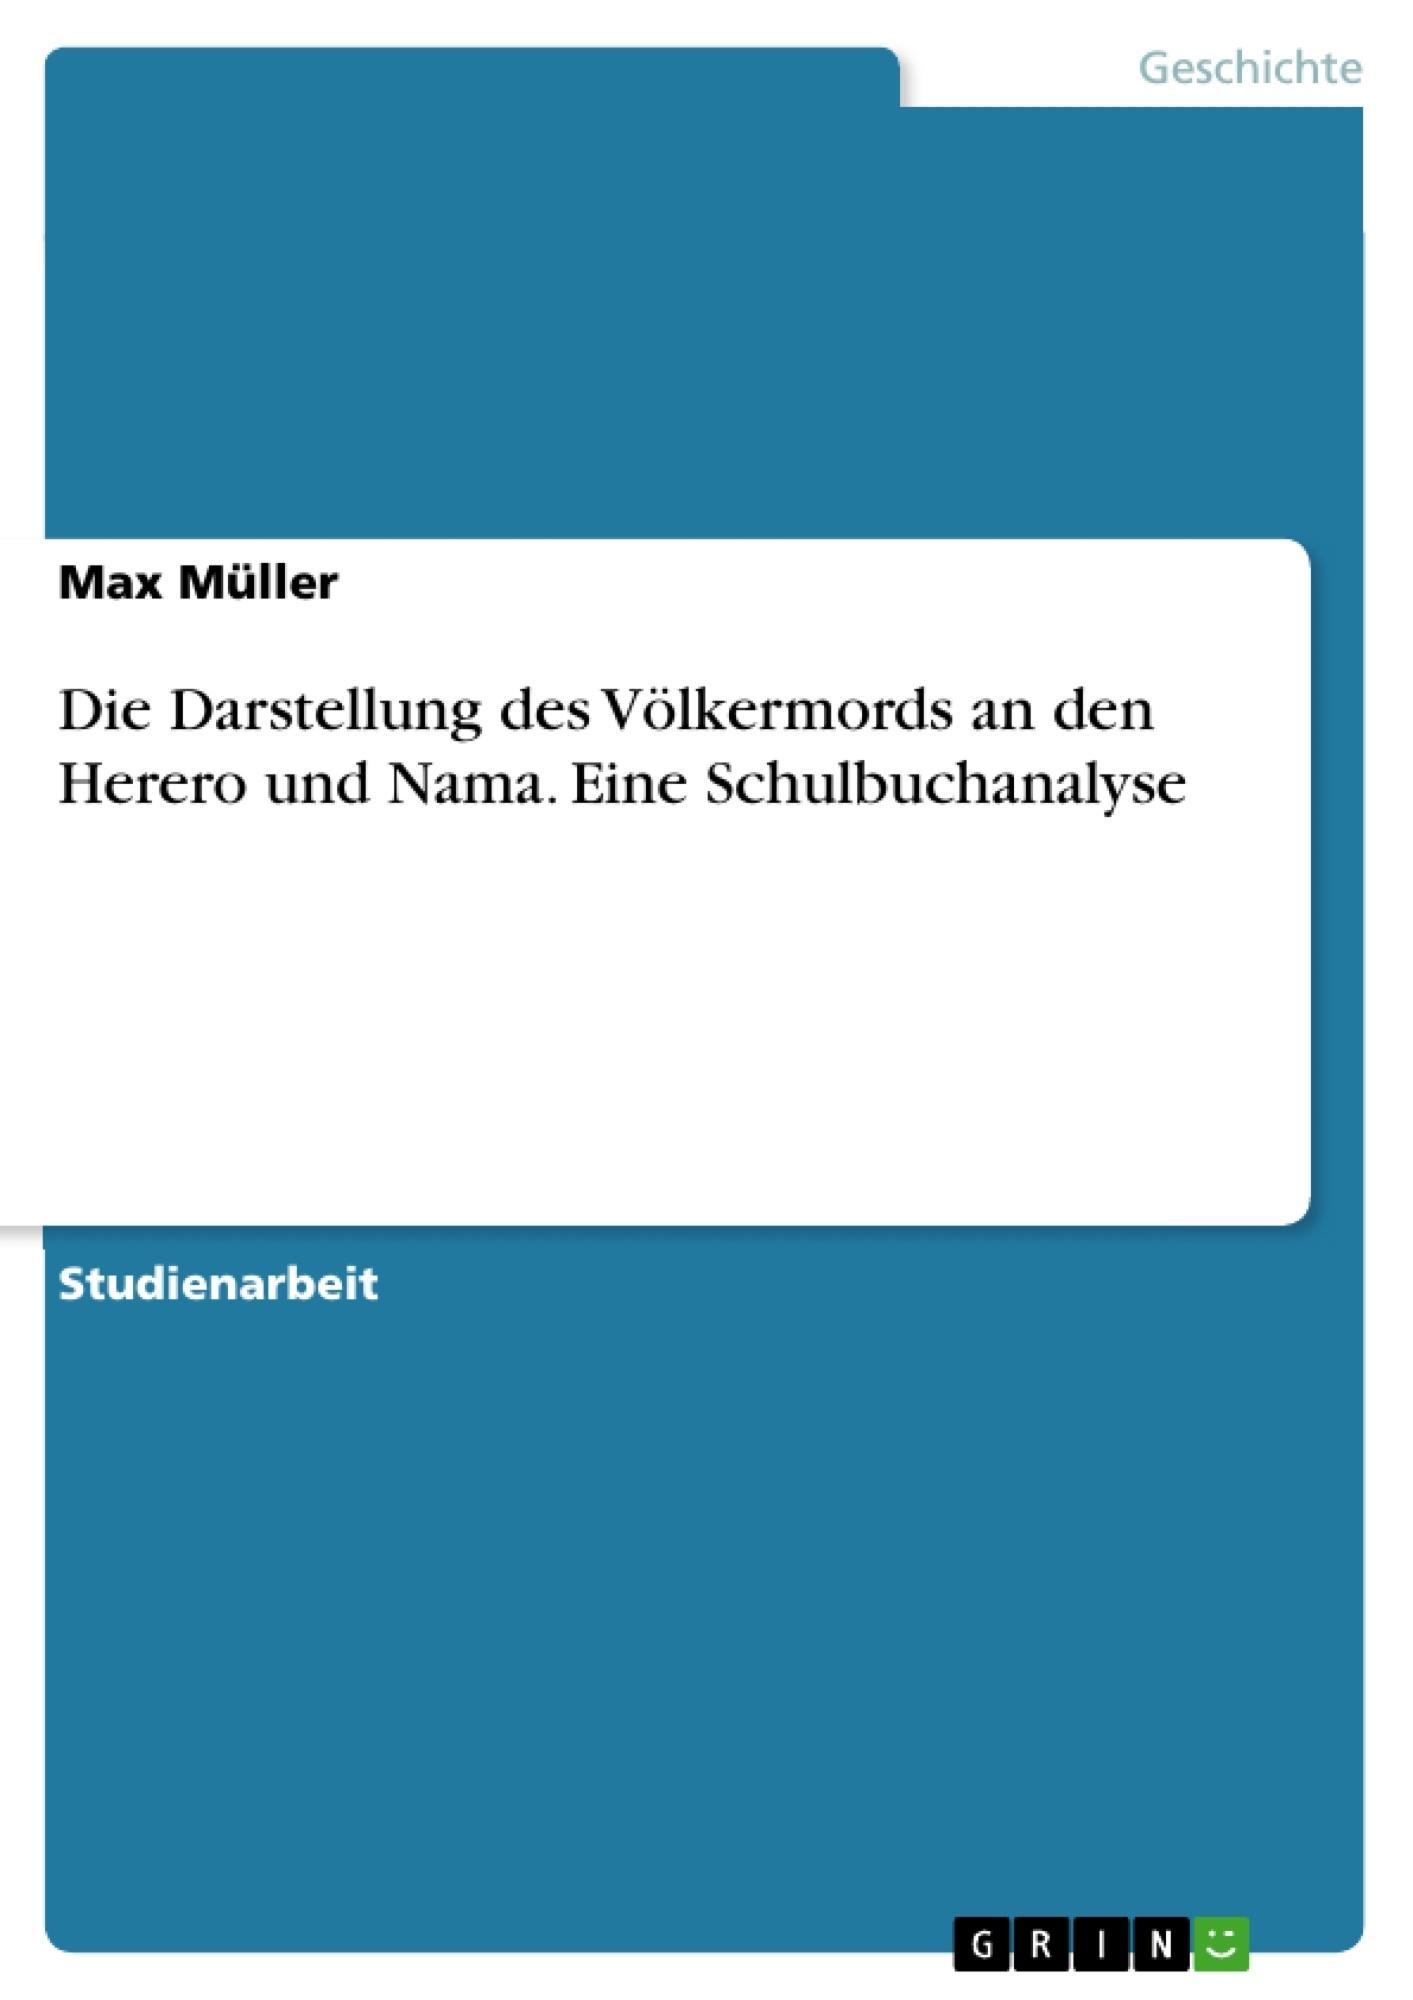 Titel: Die Darstellung des Völkermords an den Herero und Nama. Eine Schulbuchanalyse